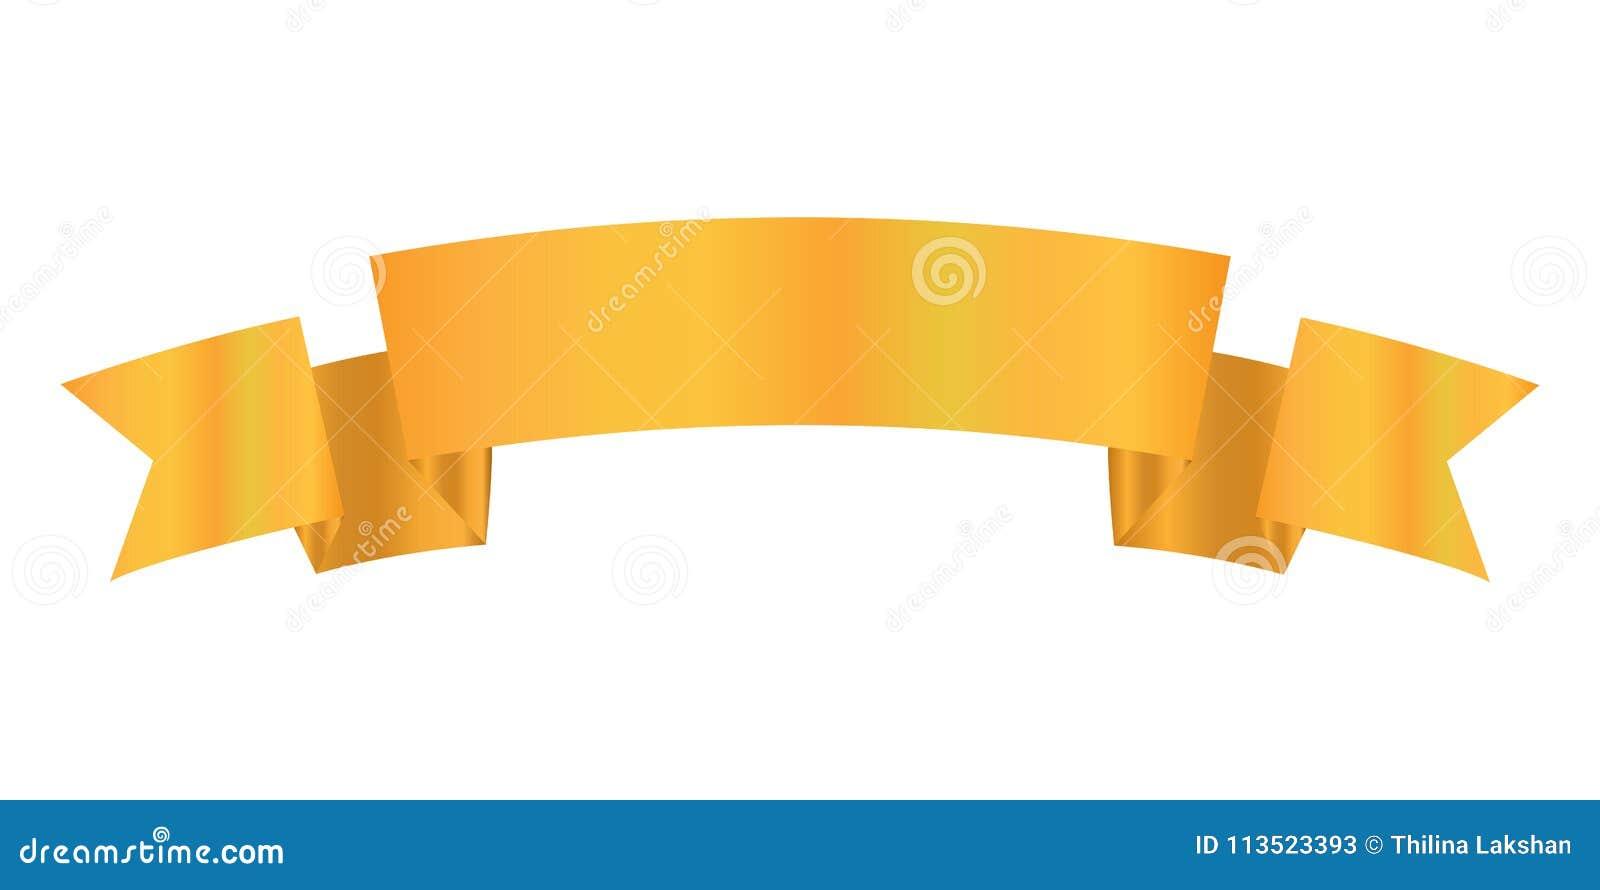 Tasiemkowego projekta złocisty kolor, Tasiemkowa ikona